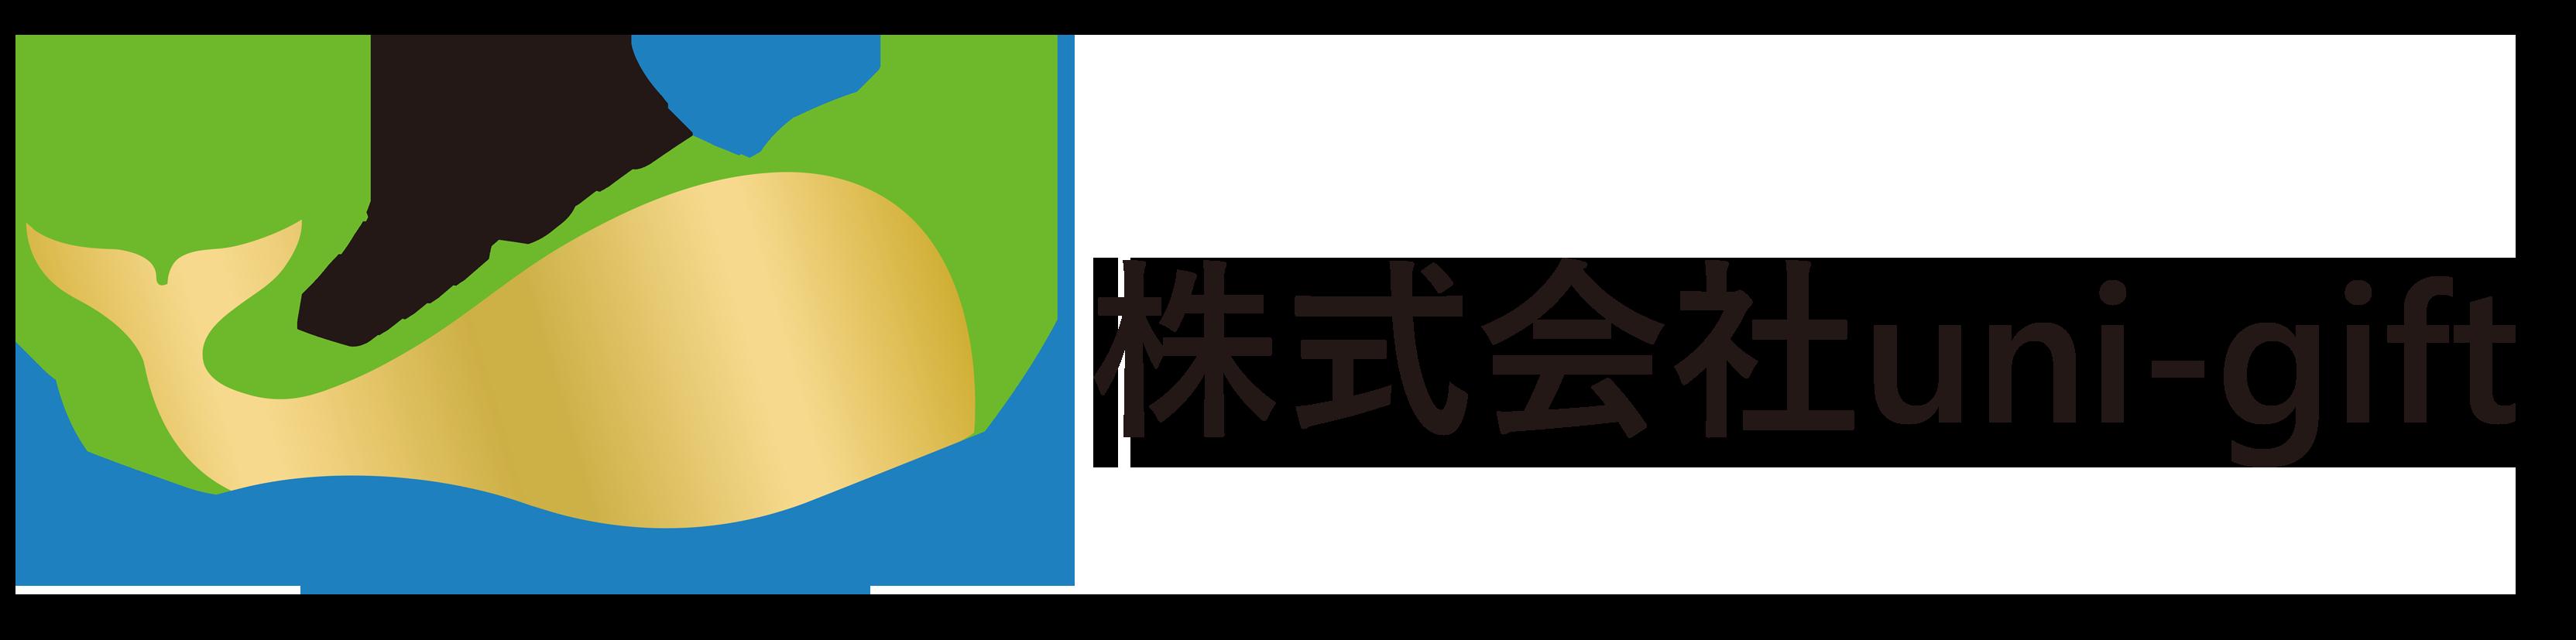 株式会社uni-gift